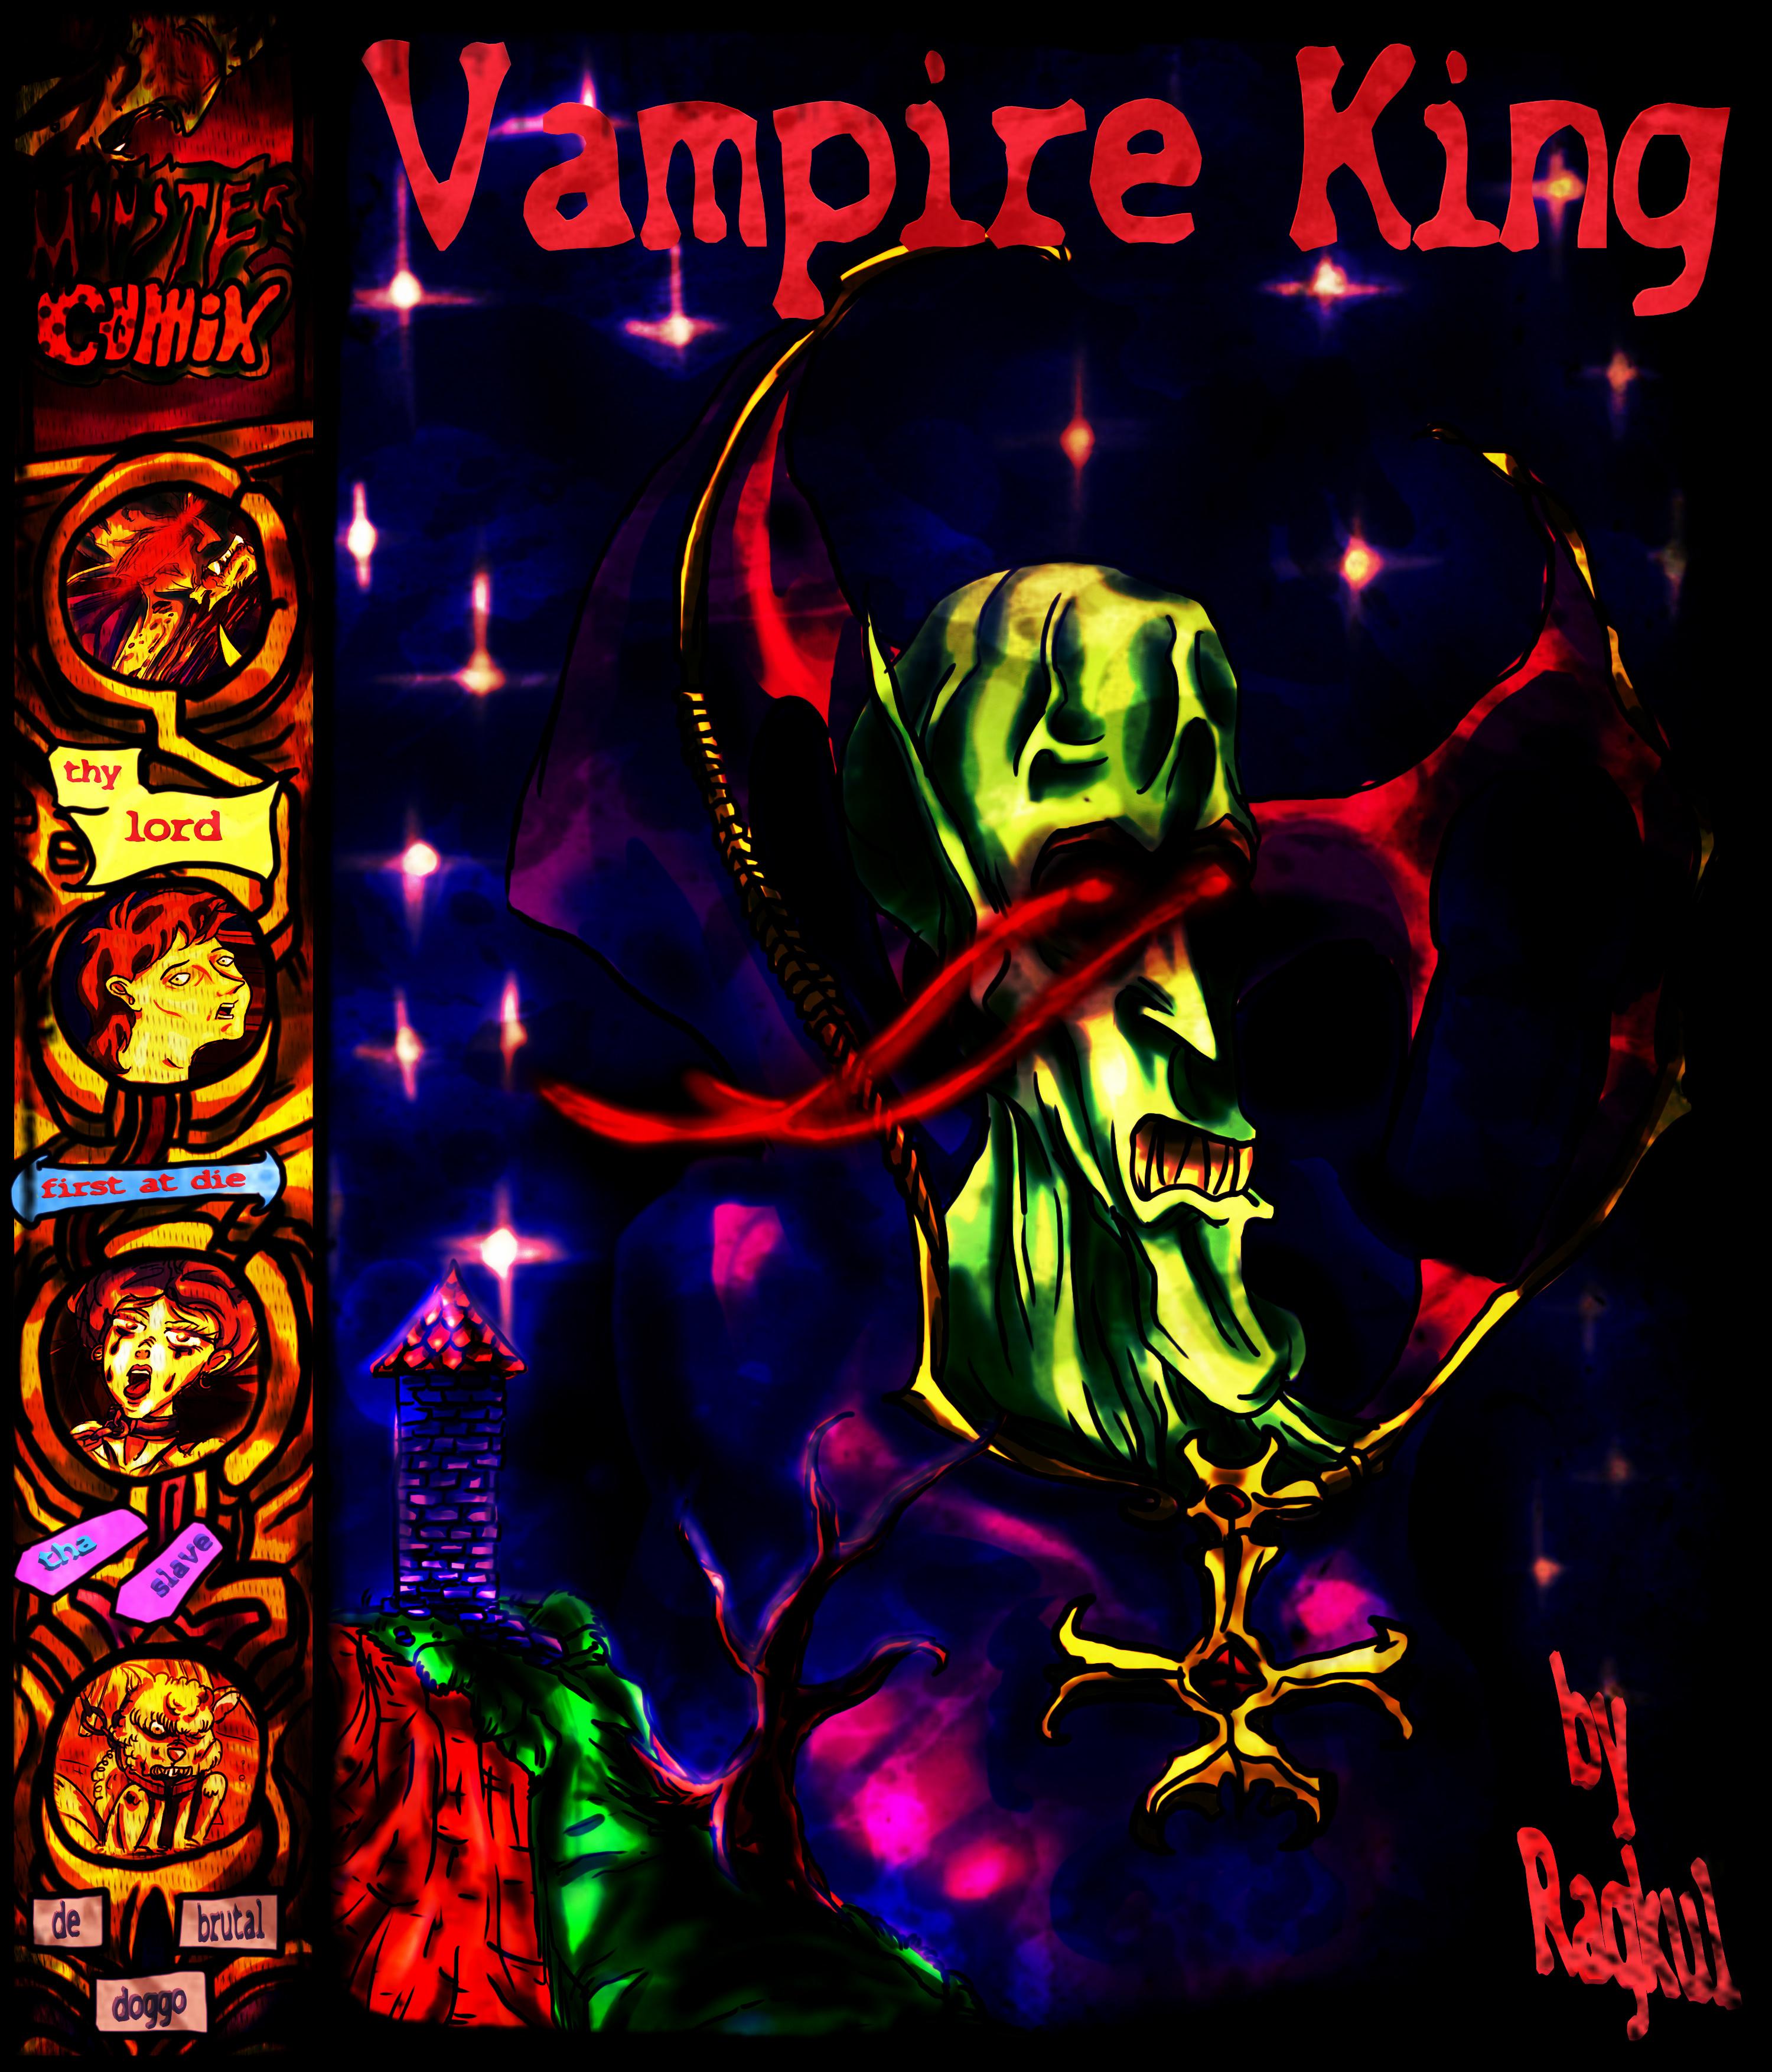 Summer Vampire King [comic cover]